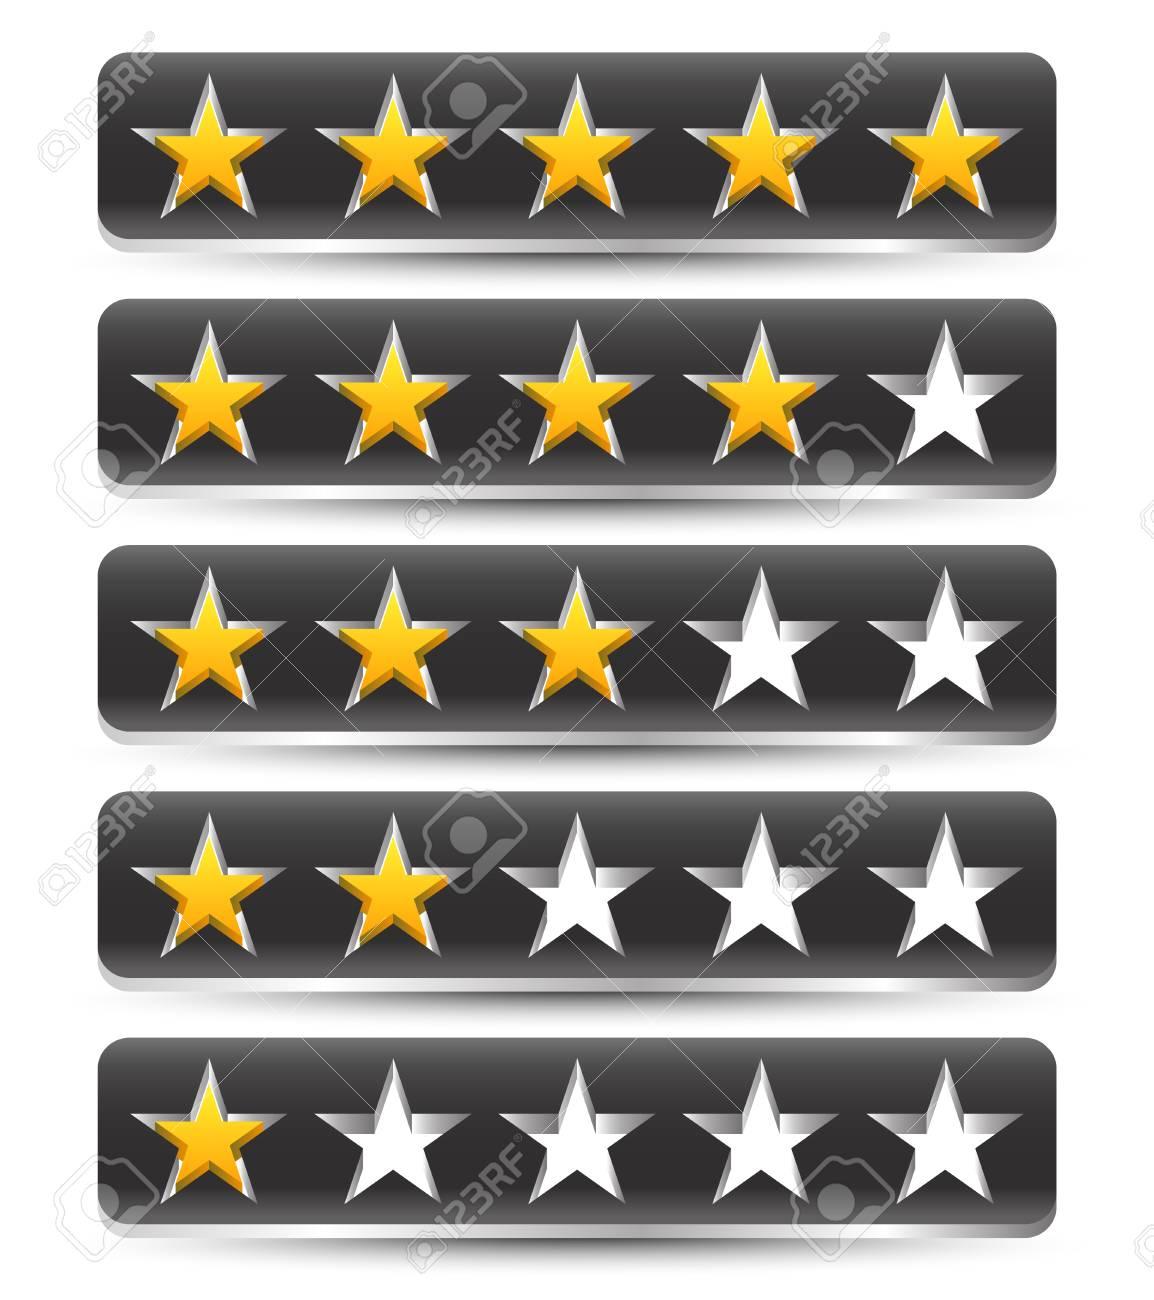 Stilvolle Sterne-Vorlage Lizenzfrei Nutzbare Vektorgrafiken, Clip ...